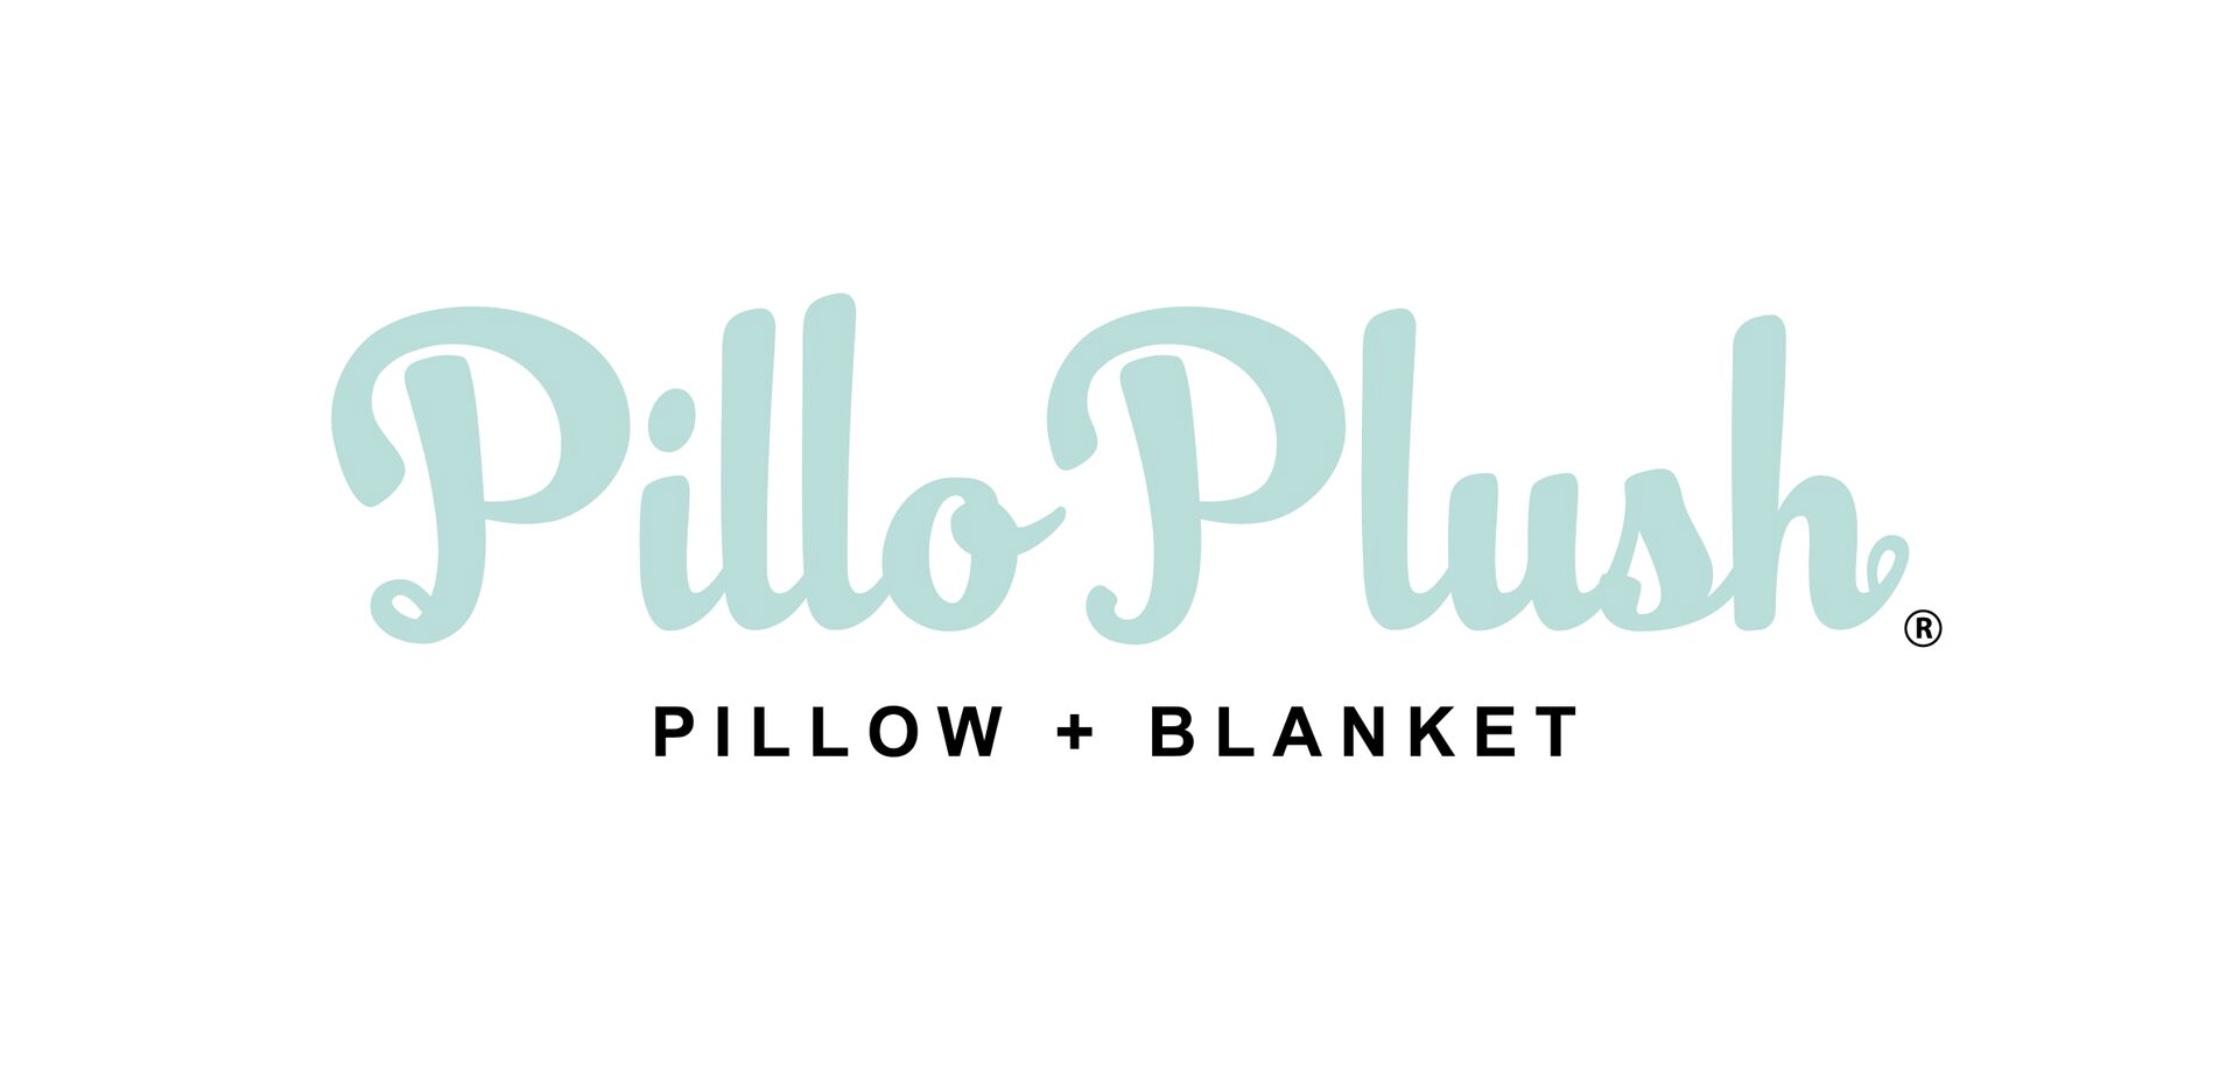 HIgh five grant for moms pilloplush